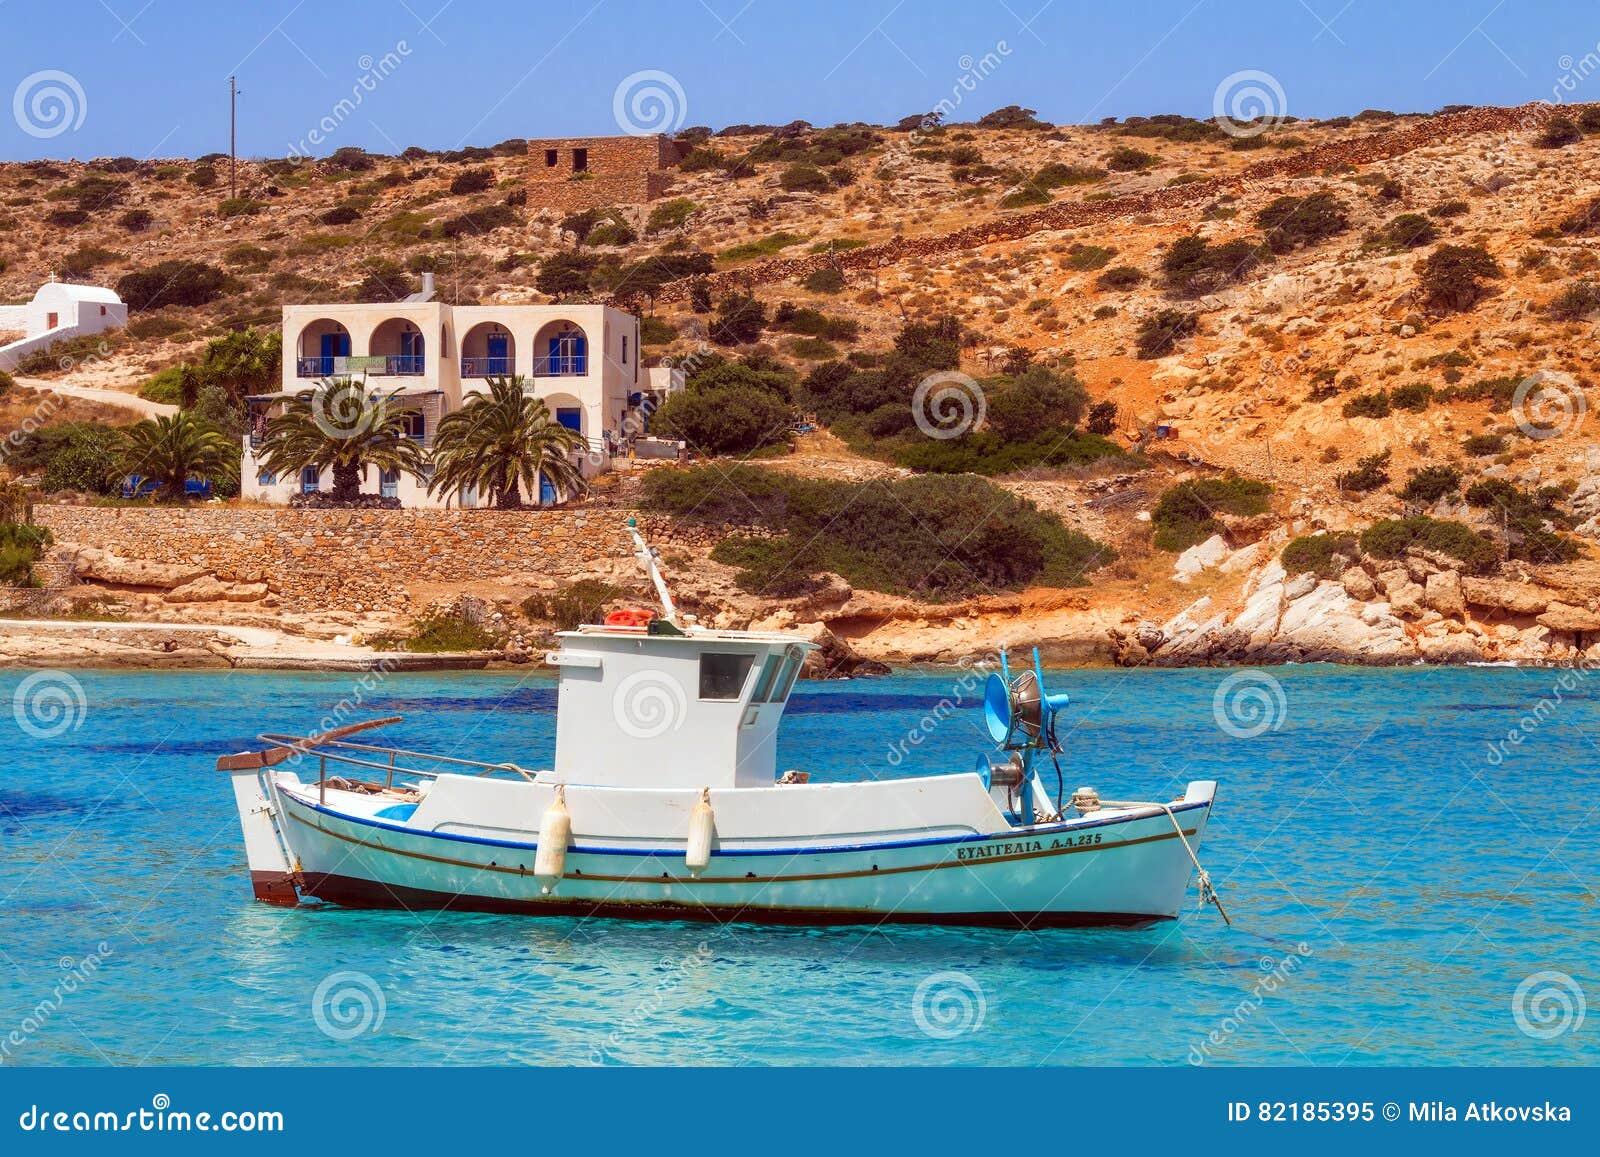 20 06 2016 - Barcos de pesca en el puerto de Agios Georgios, isla de Iraklia